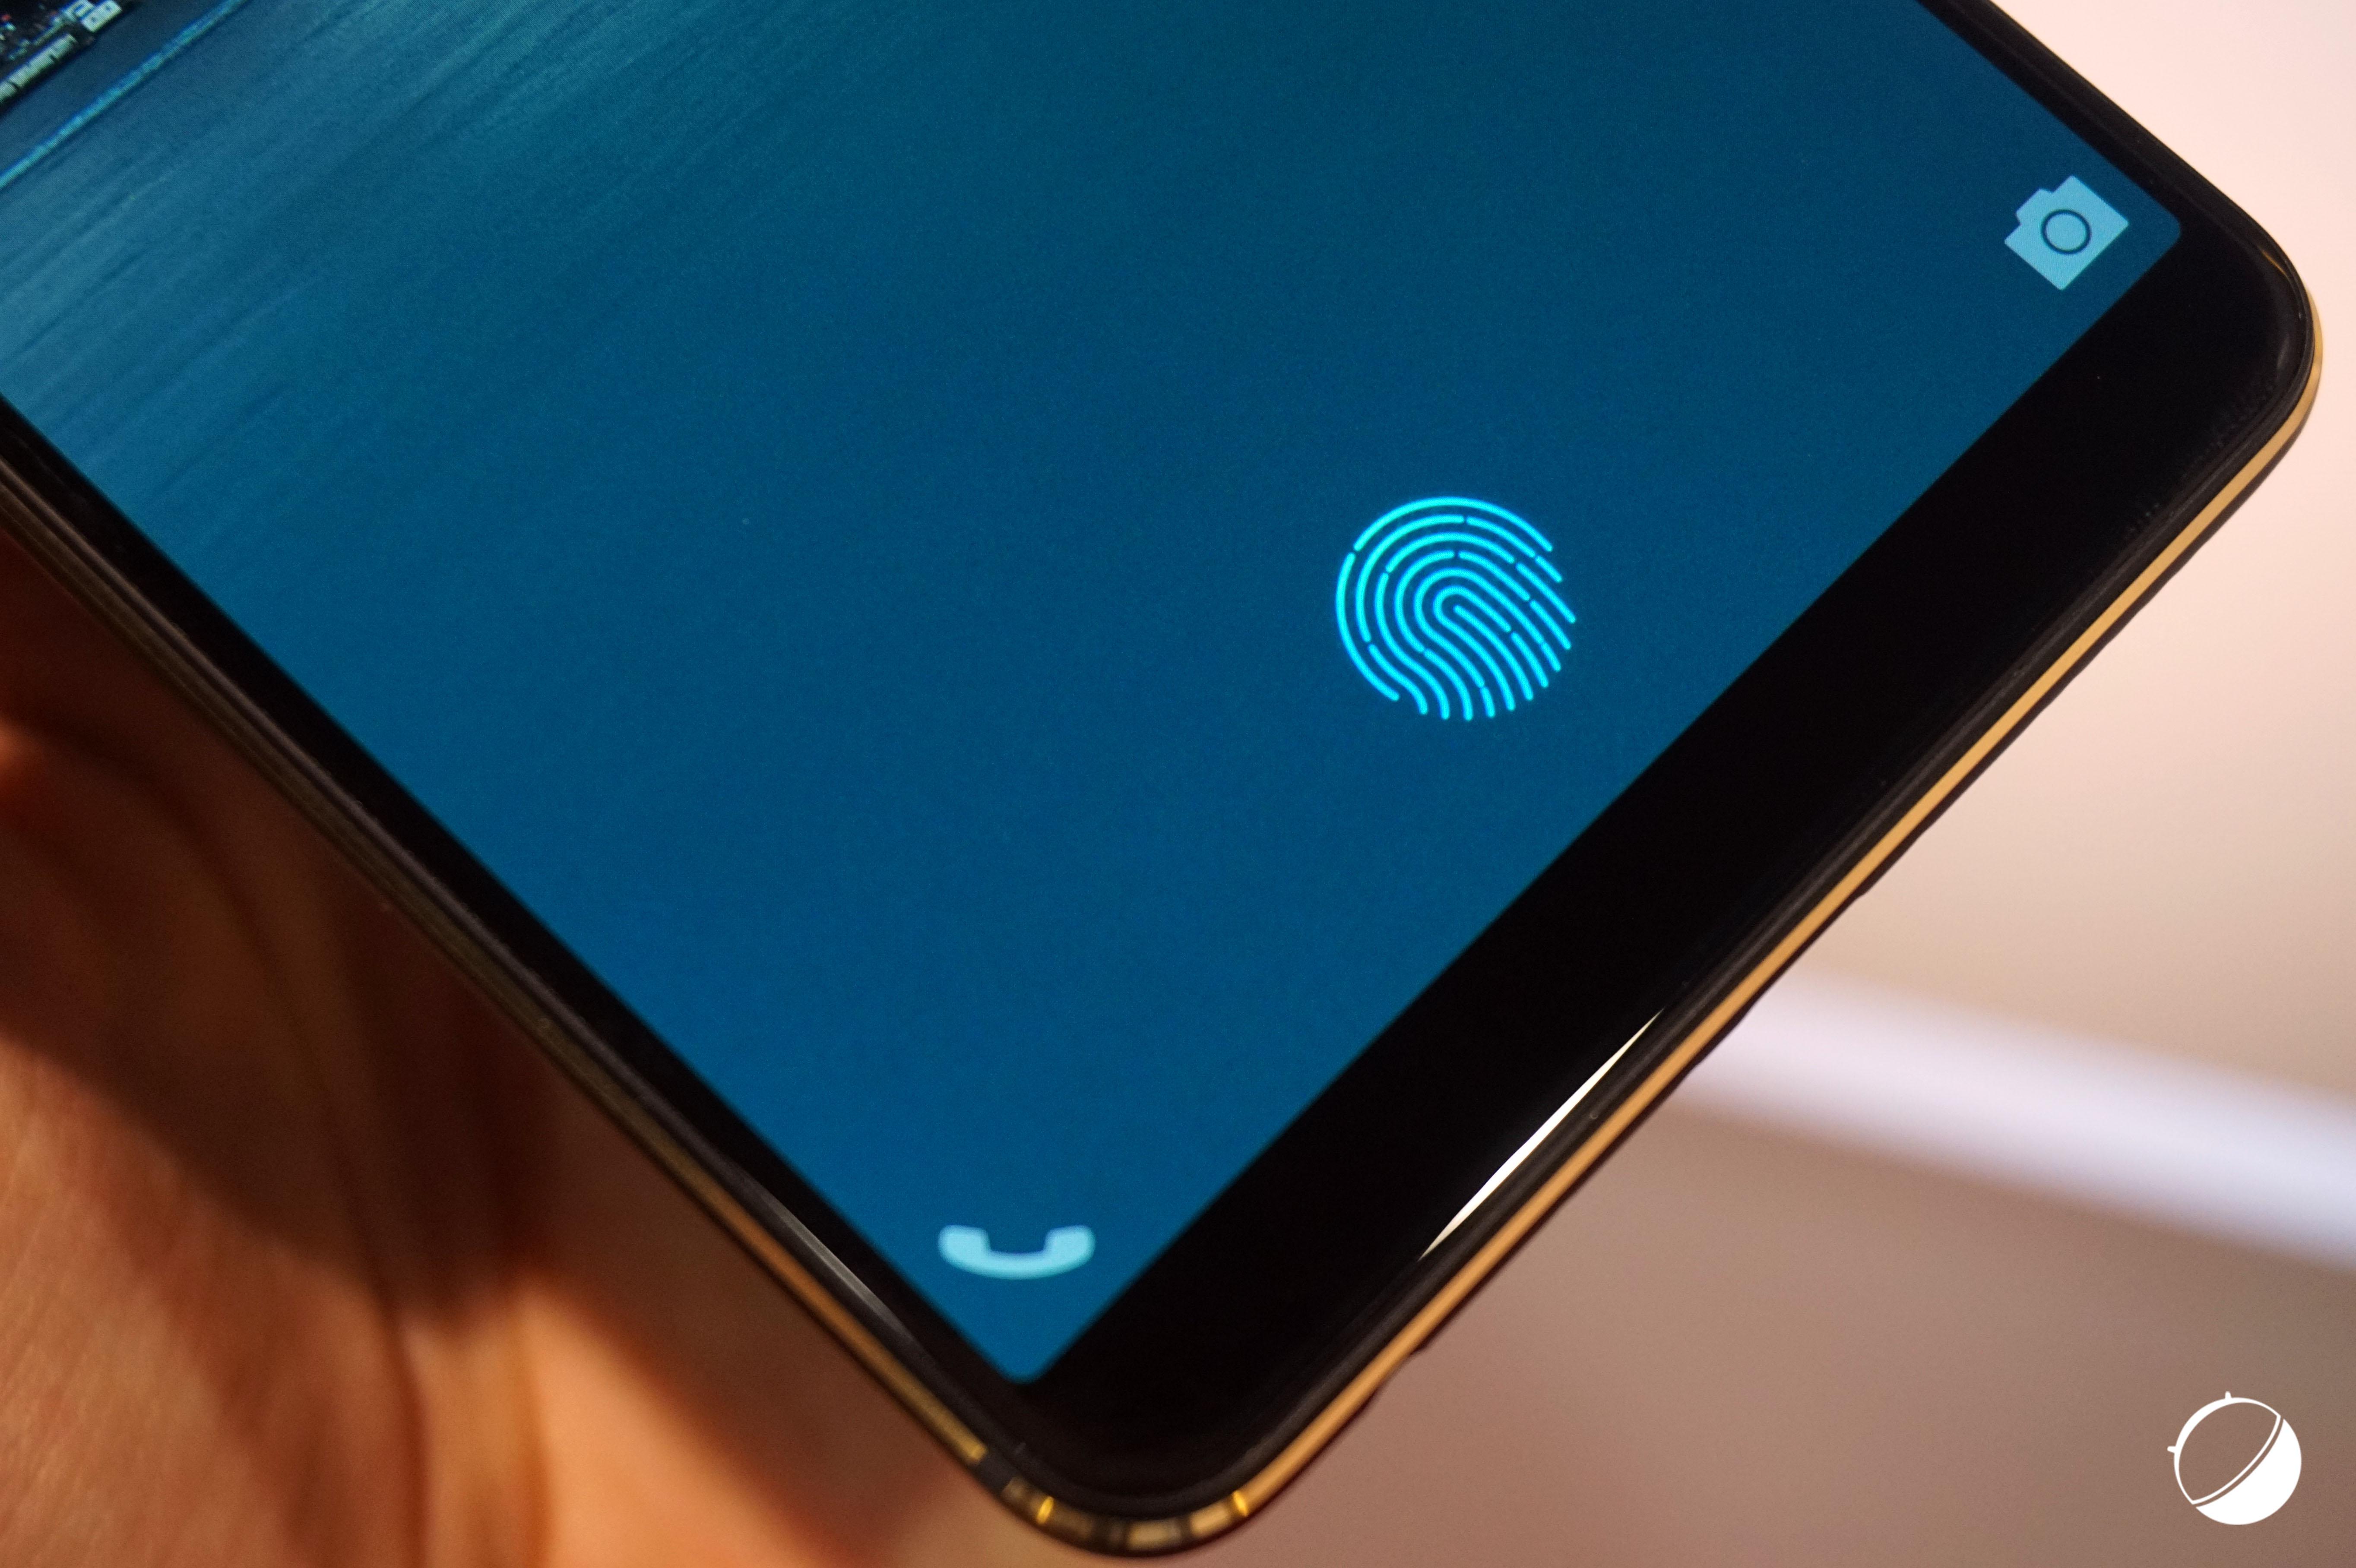 Le 1er smartphone avec lecteur d'empreintes sous l'écran pourrait être annoncé très bientôt